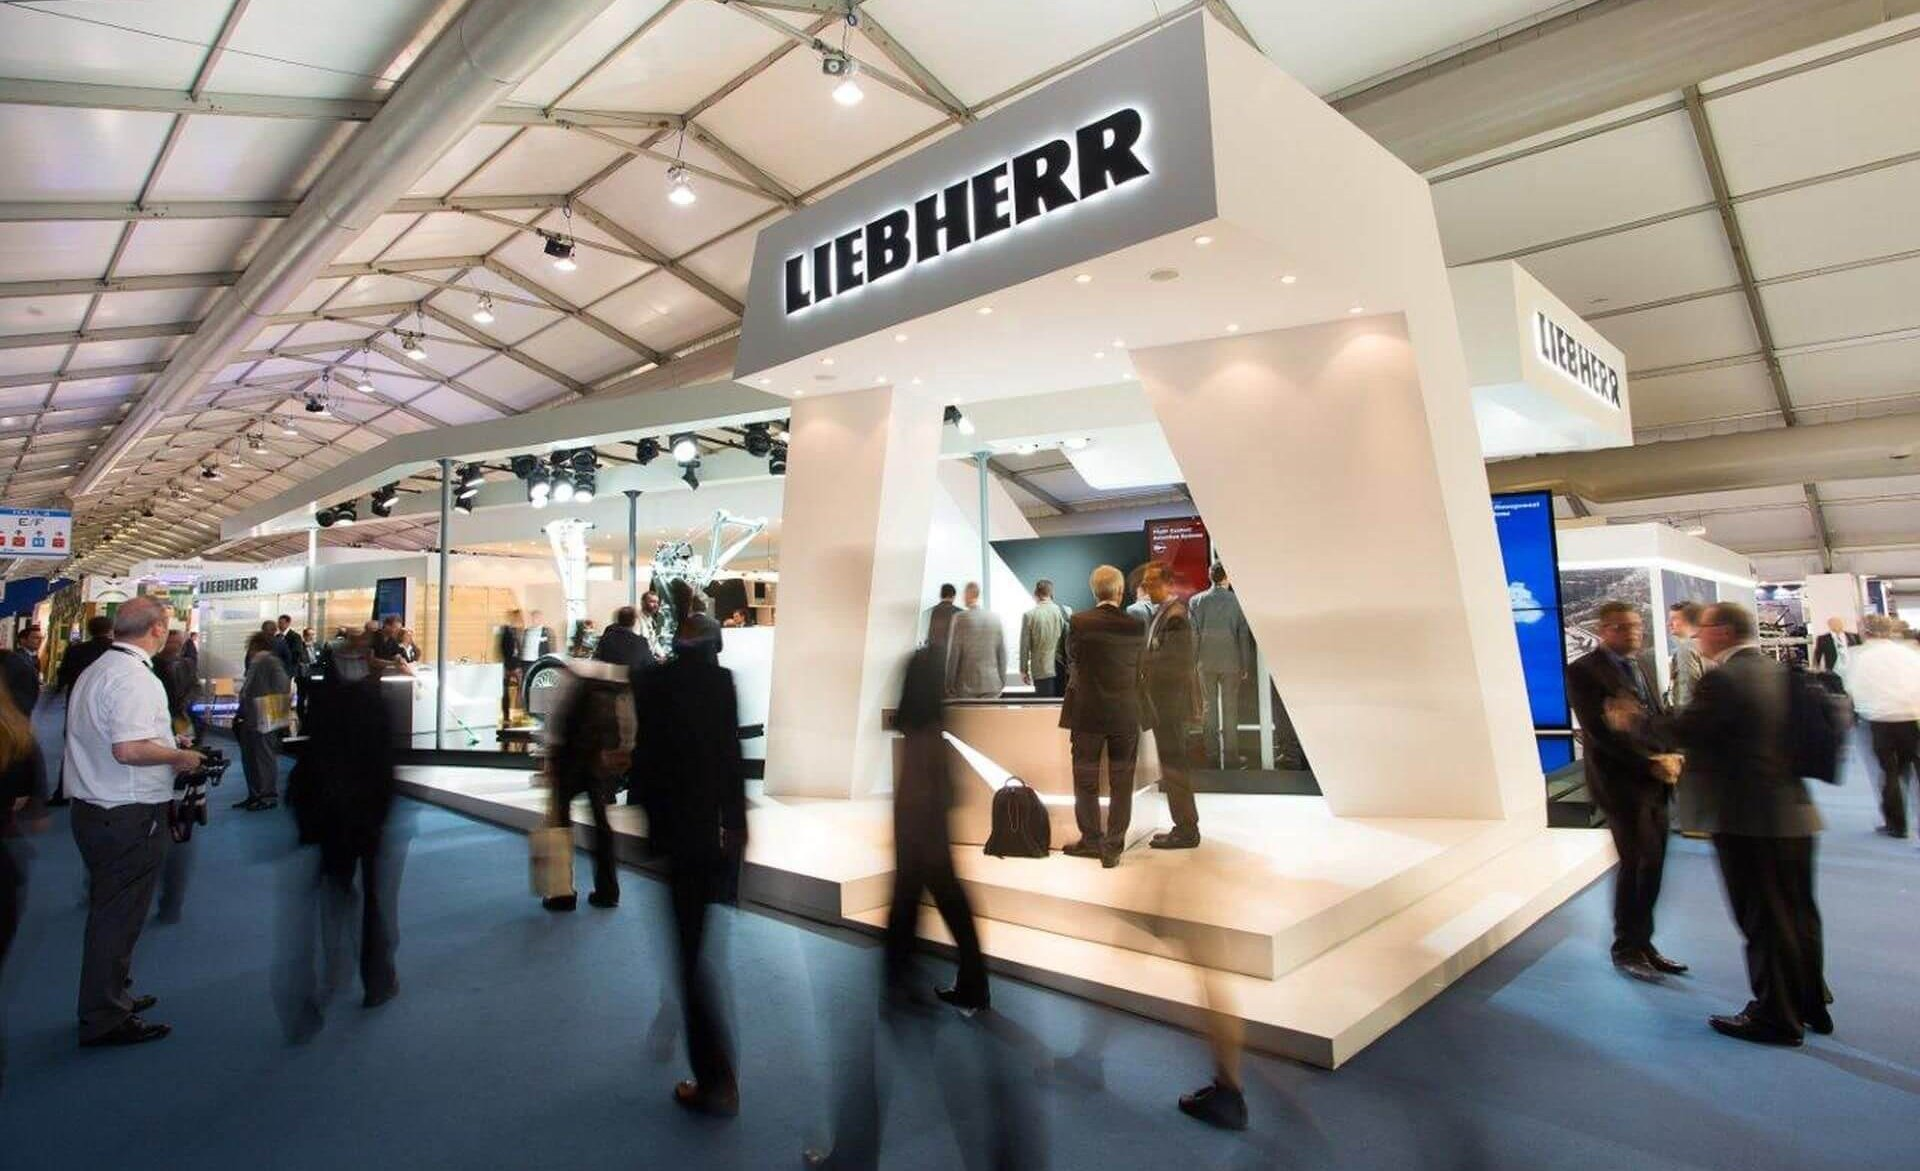 liebherr-aerospace-stand_1920